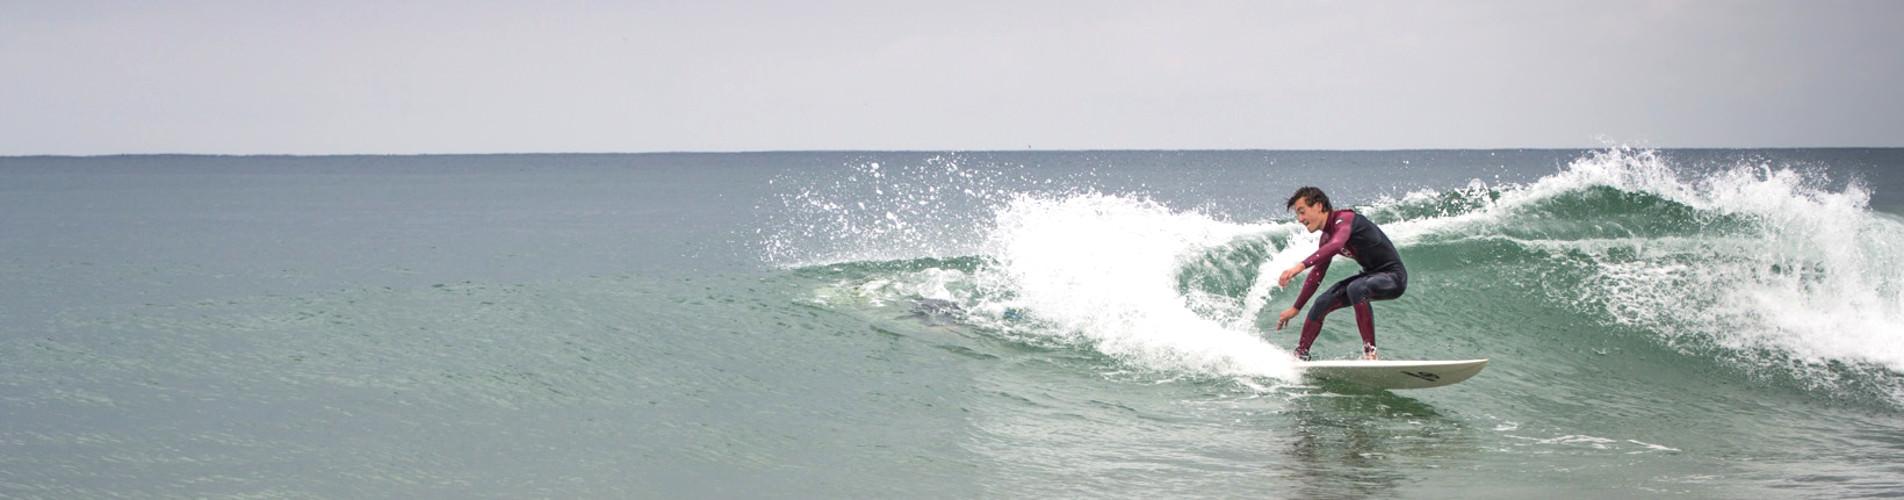 St. Girons | Frankreich — Surfen an der Atlantik-Küste